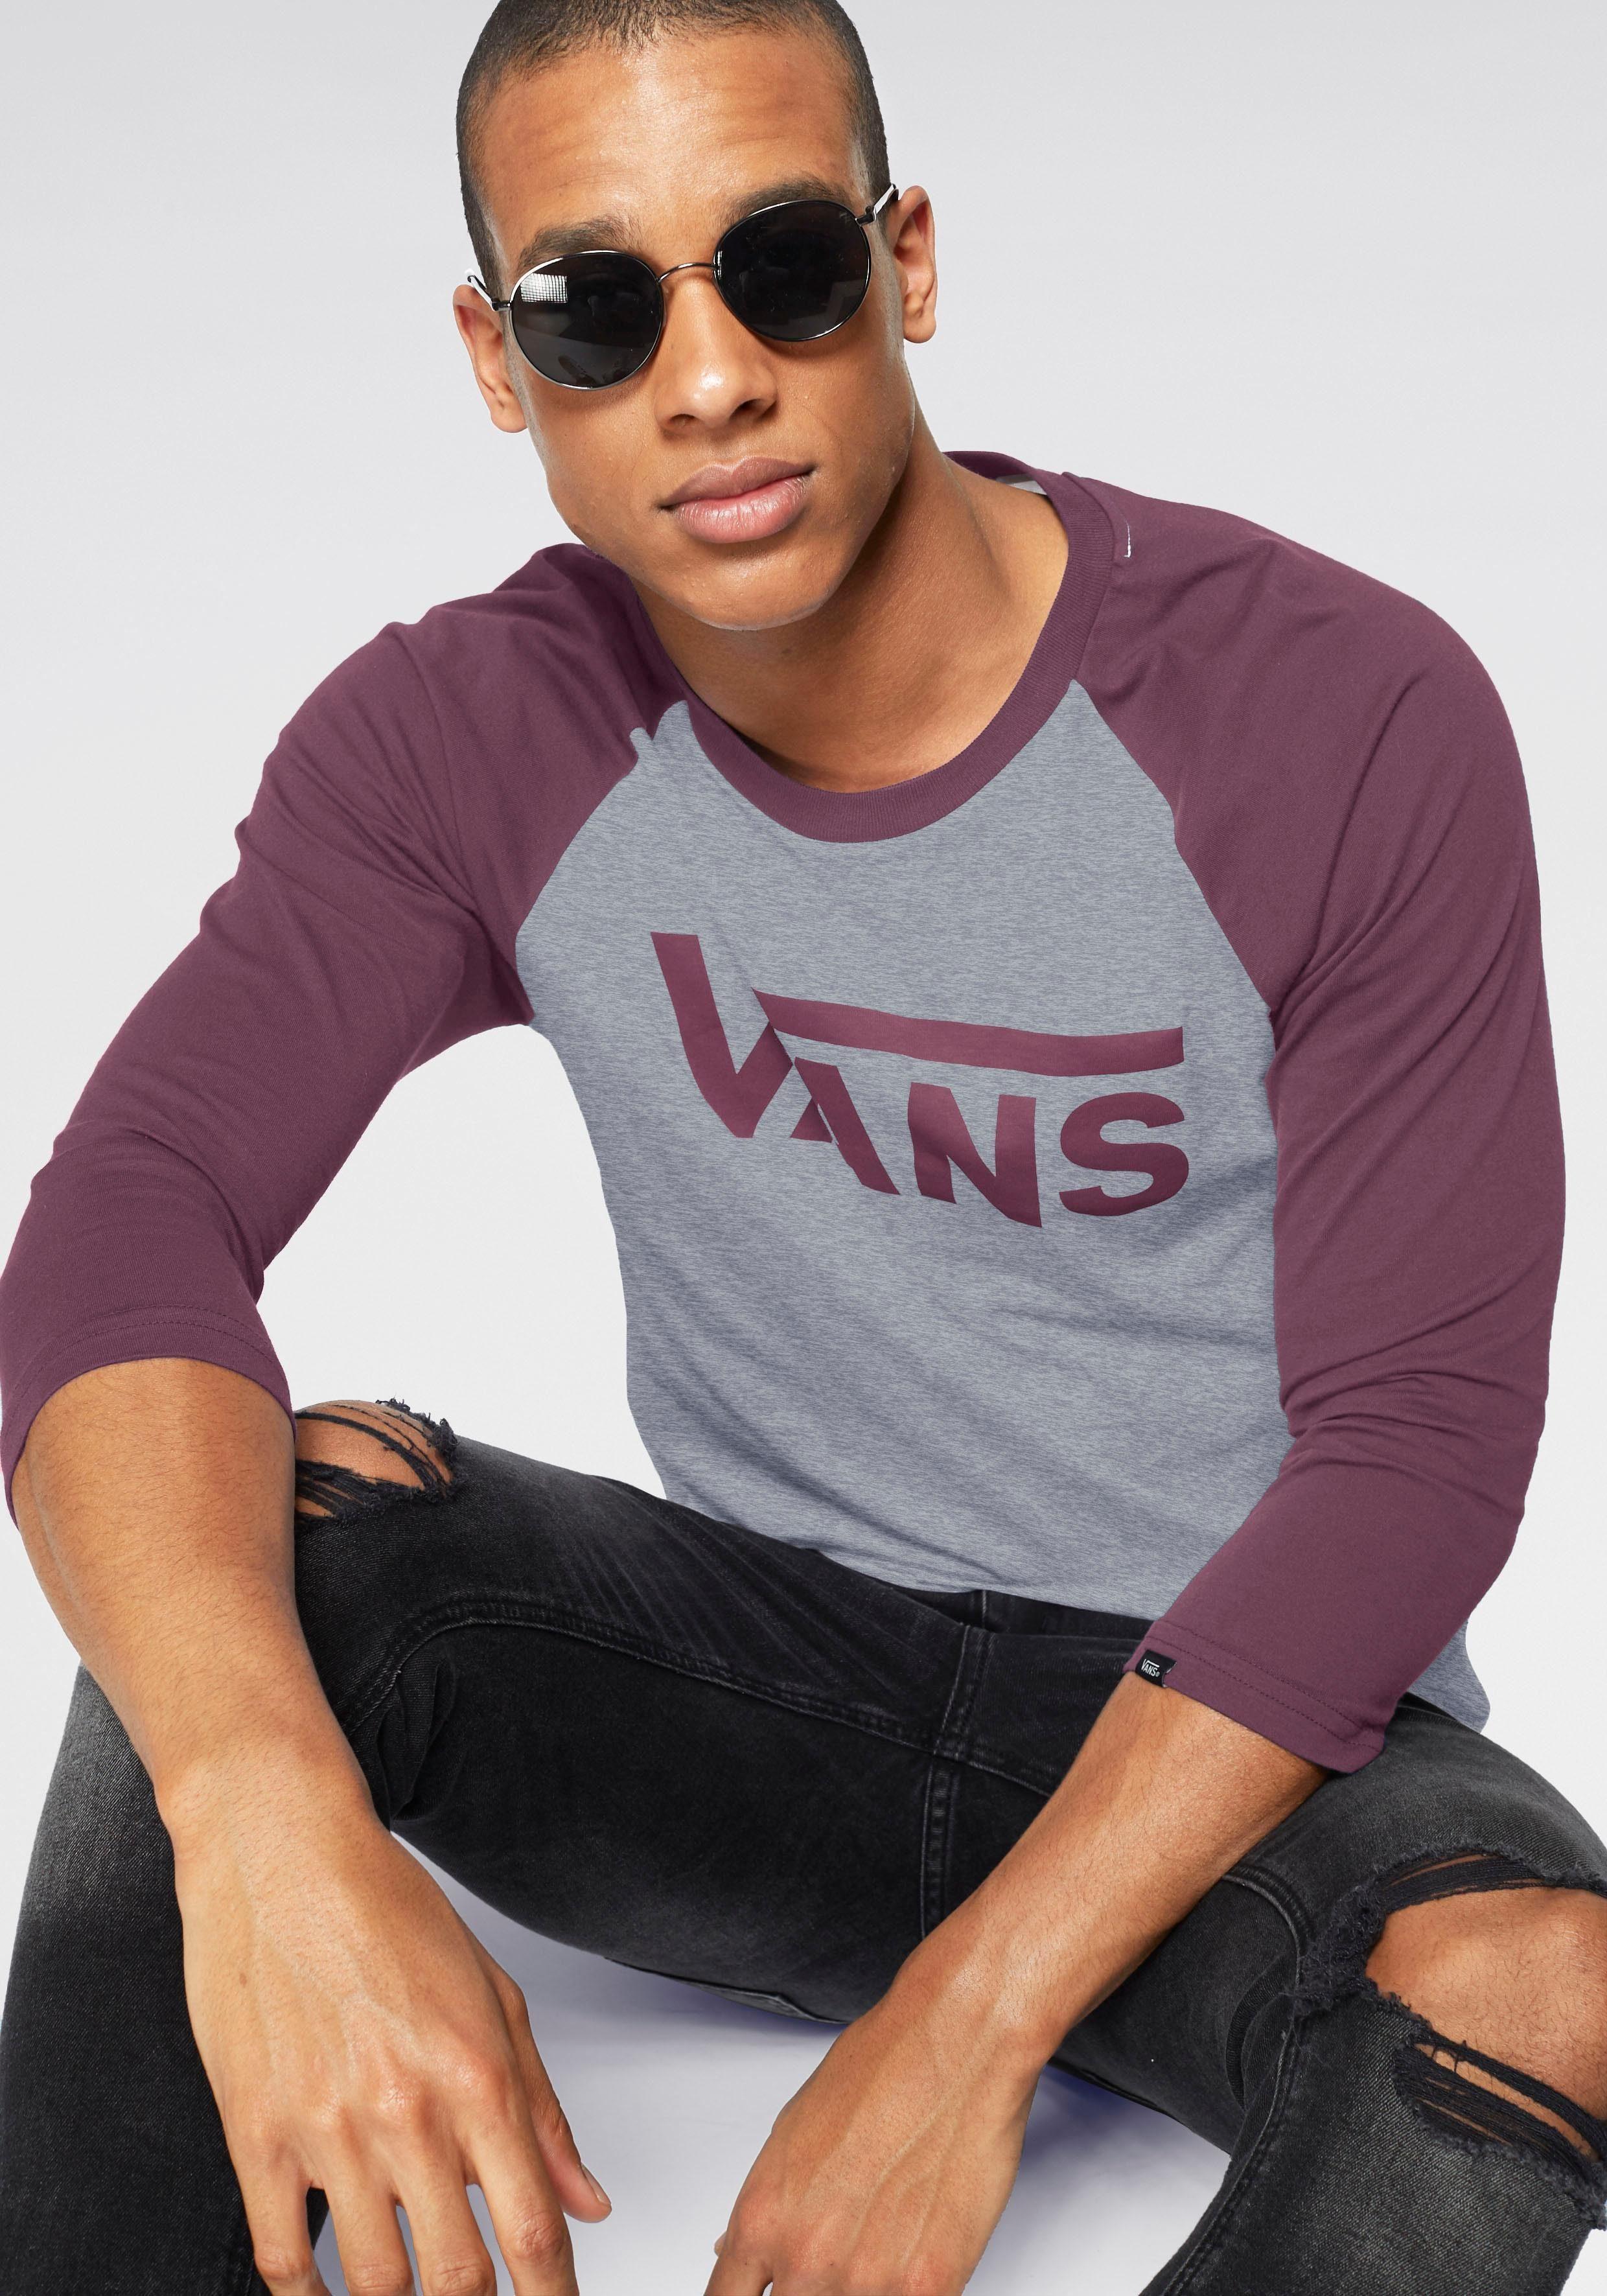 Vans Langarmshirt »VANS CLASSIC RAGLAN«, Langarmshirt in 34 Armlänge von Vans online kaufen | OTTO